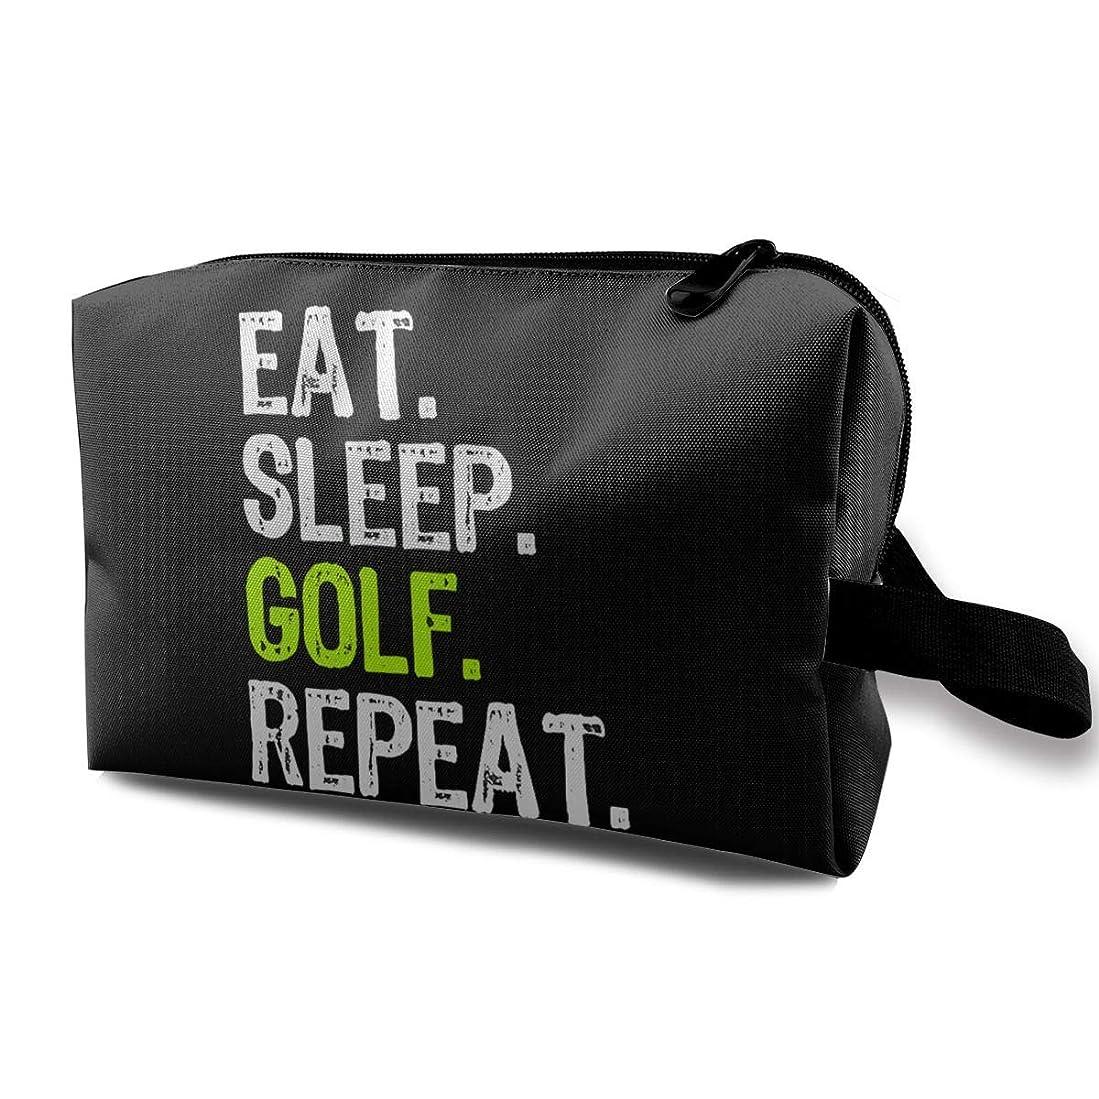 言い換えるとホラー歪めるKYK-LX 化粧ポーチ コンパクト メイクポーチ 化粧バッグ 化粧品 収納バッグ コスメポーチ 大容量 メイクブラシバッグ 旅行用 収納ケース 小物入れ 化粧ポーチ ゴルフ